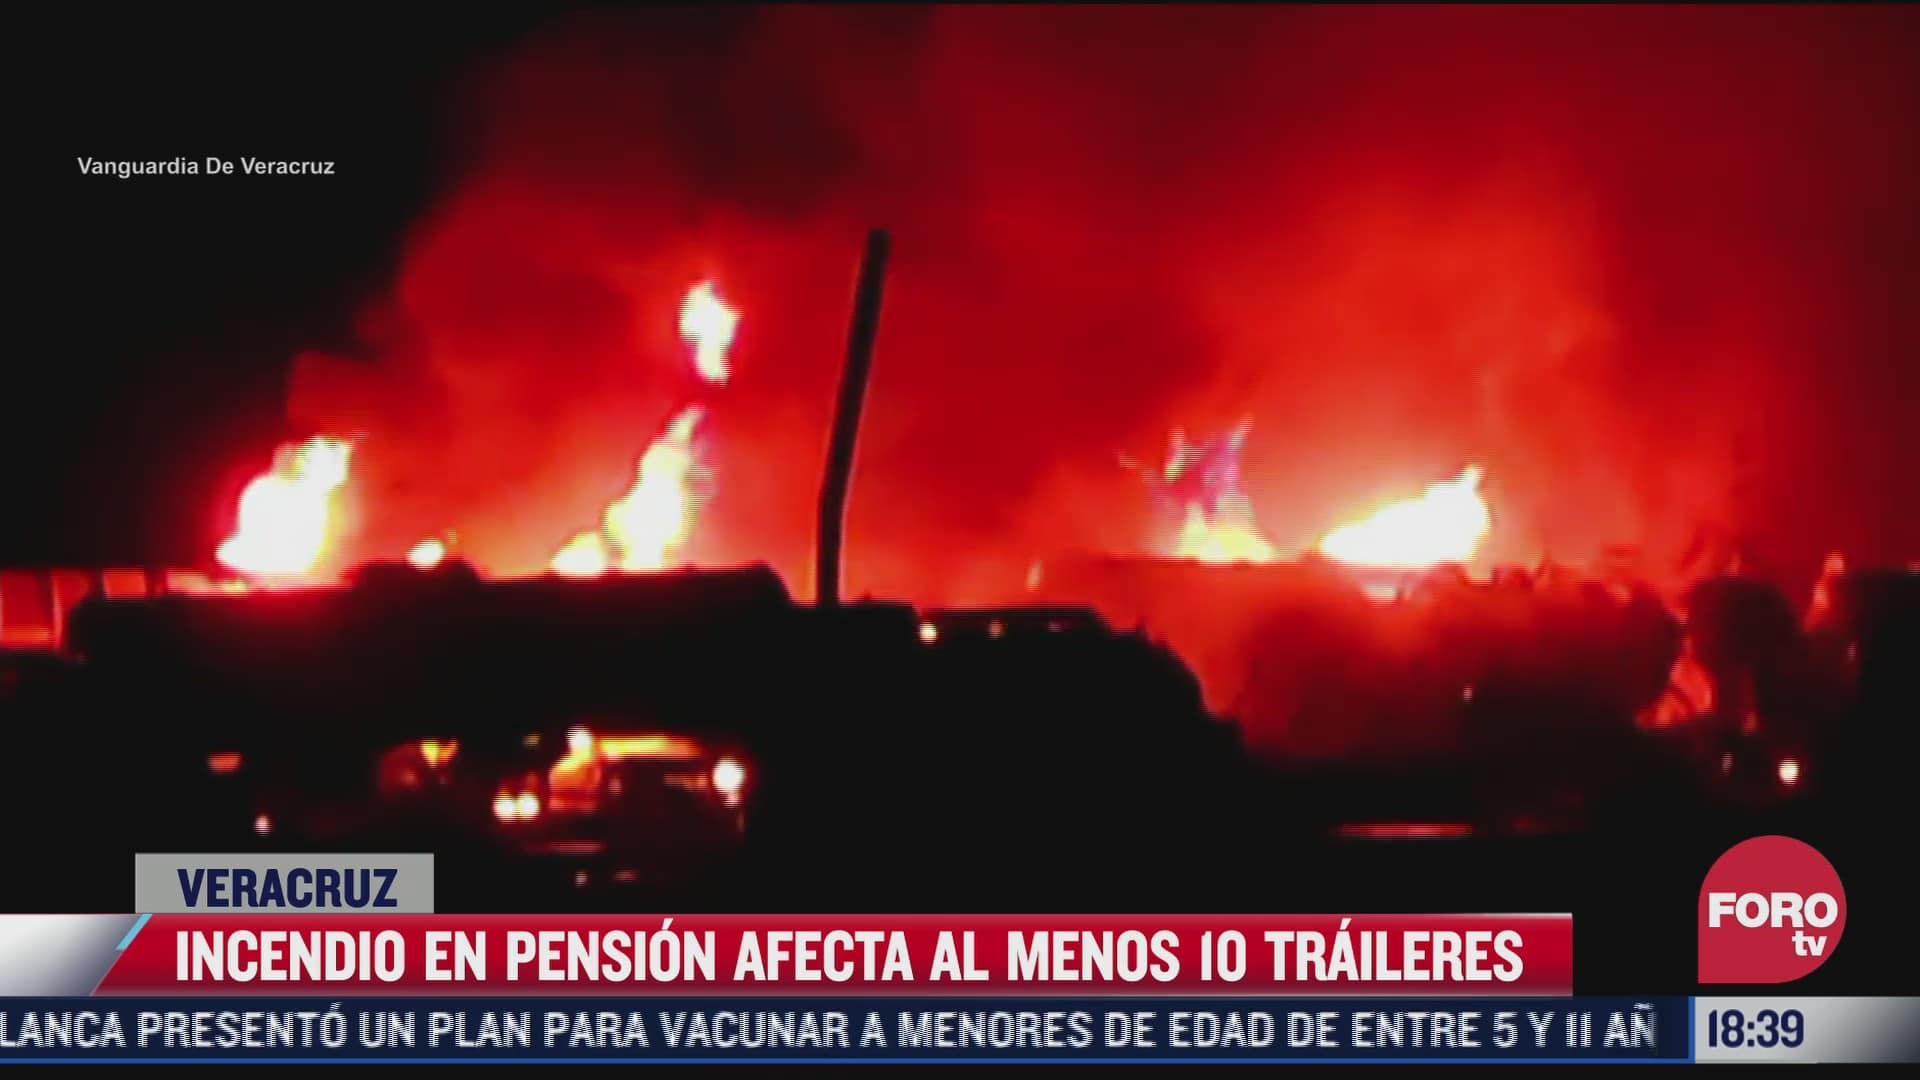 incendio en pension afecta al menos 10 traileres